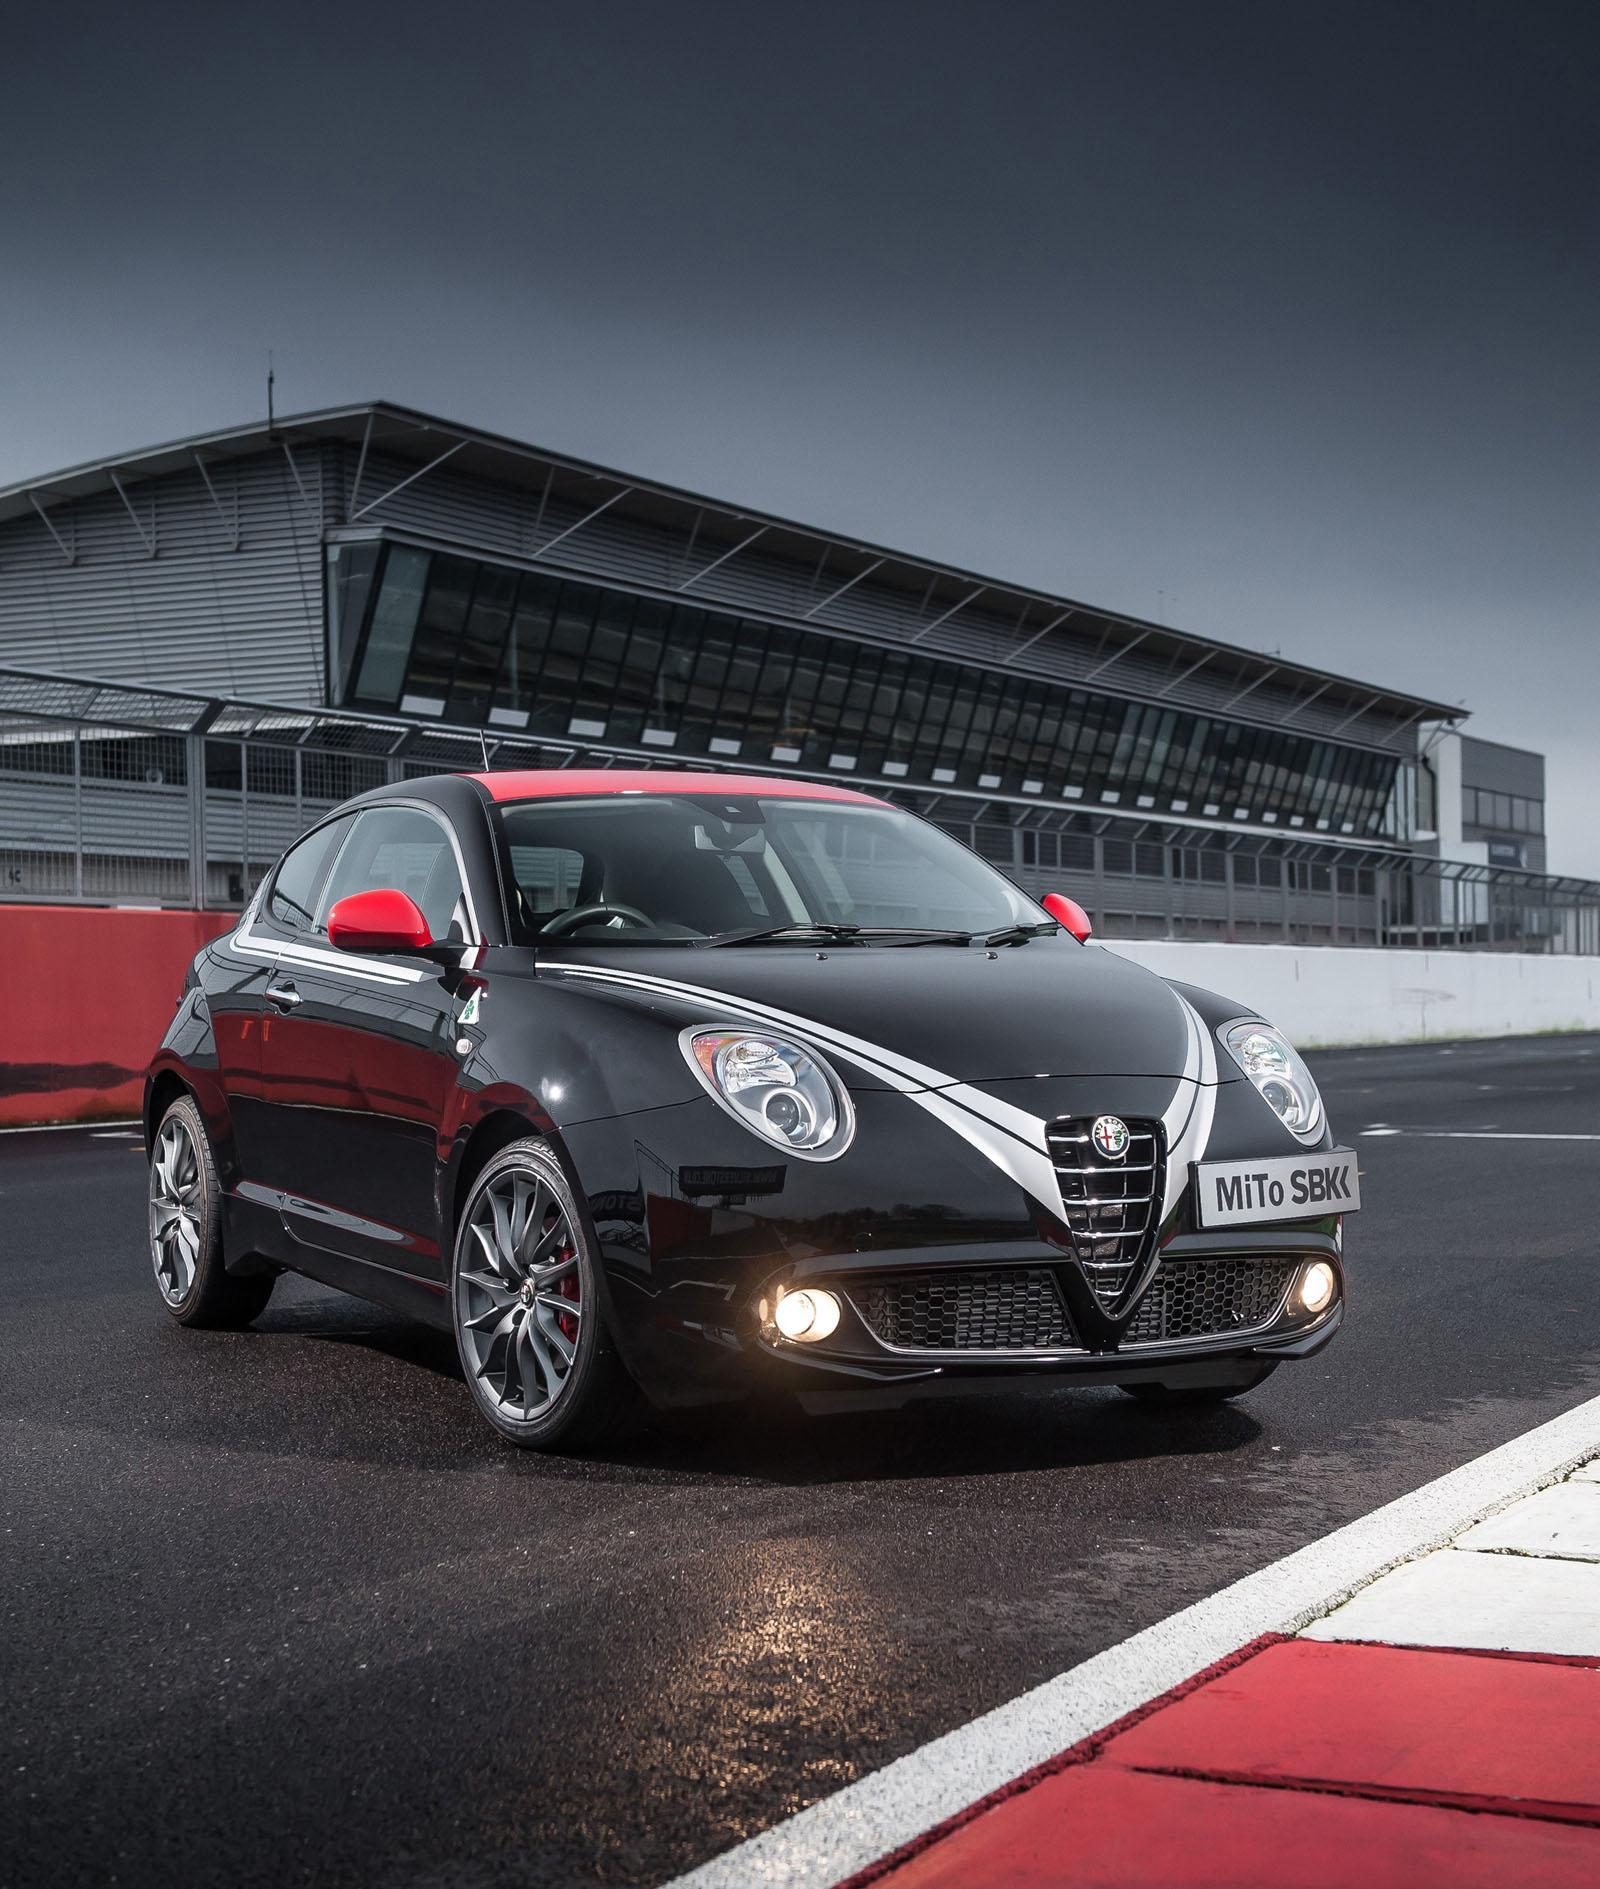 Κάνοντας ακροβατικά με μια Alfa Romeo MiTo Quadrifoglio